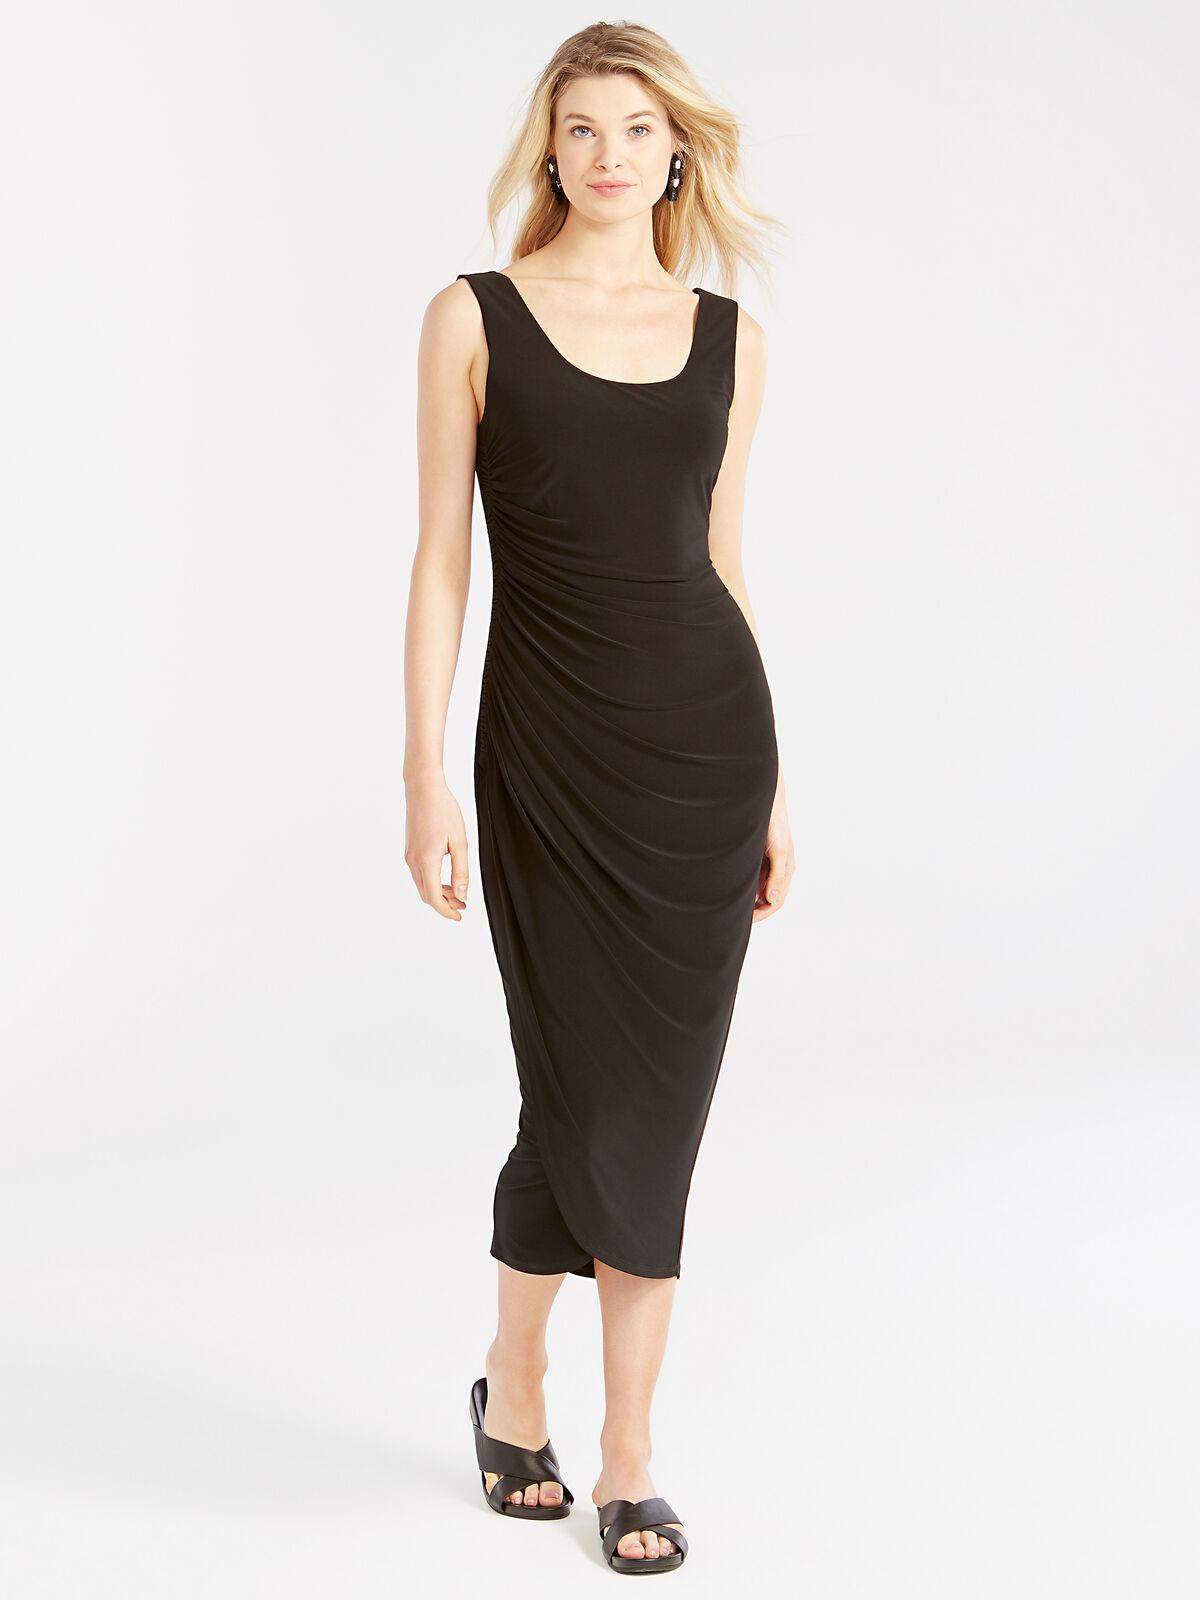 High Twist Dress